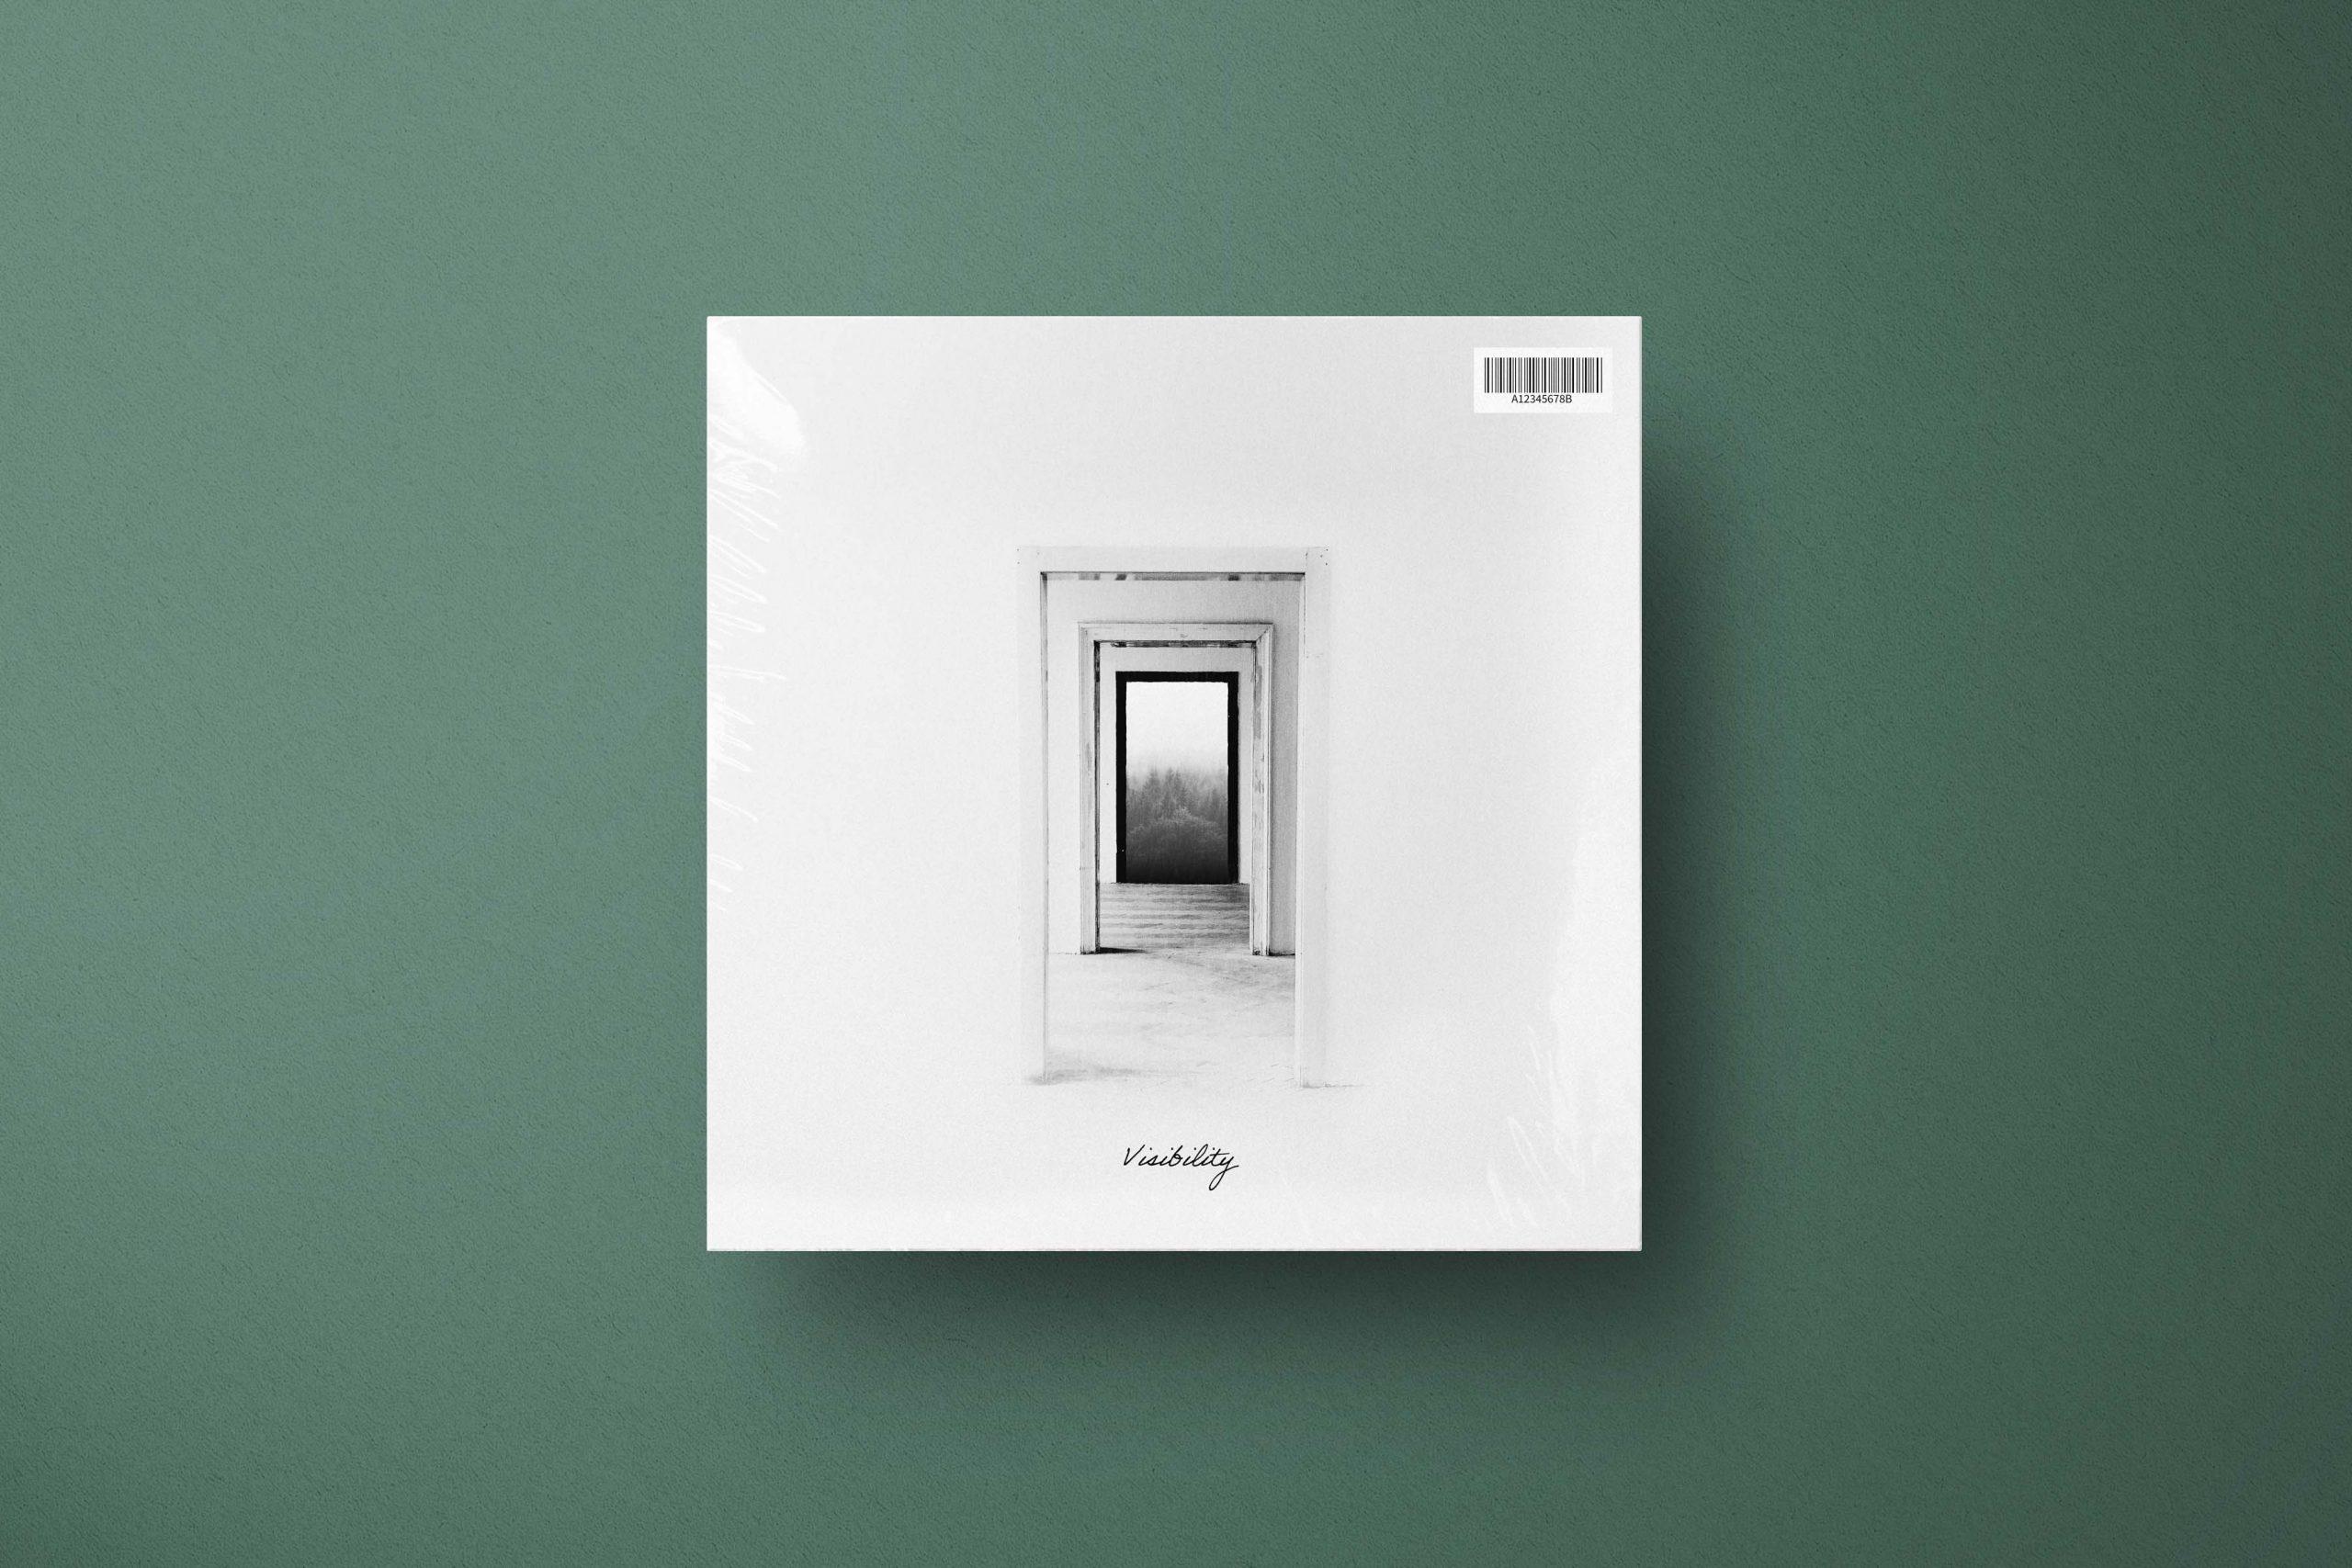 visibility album vinyl cover